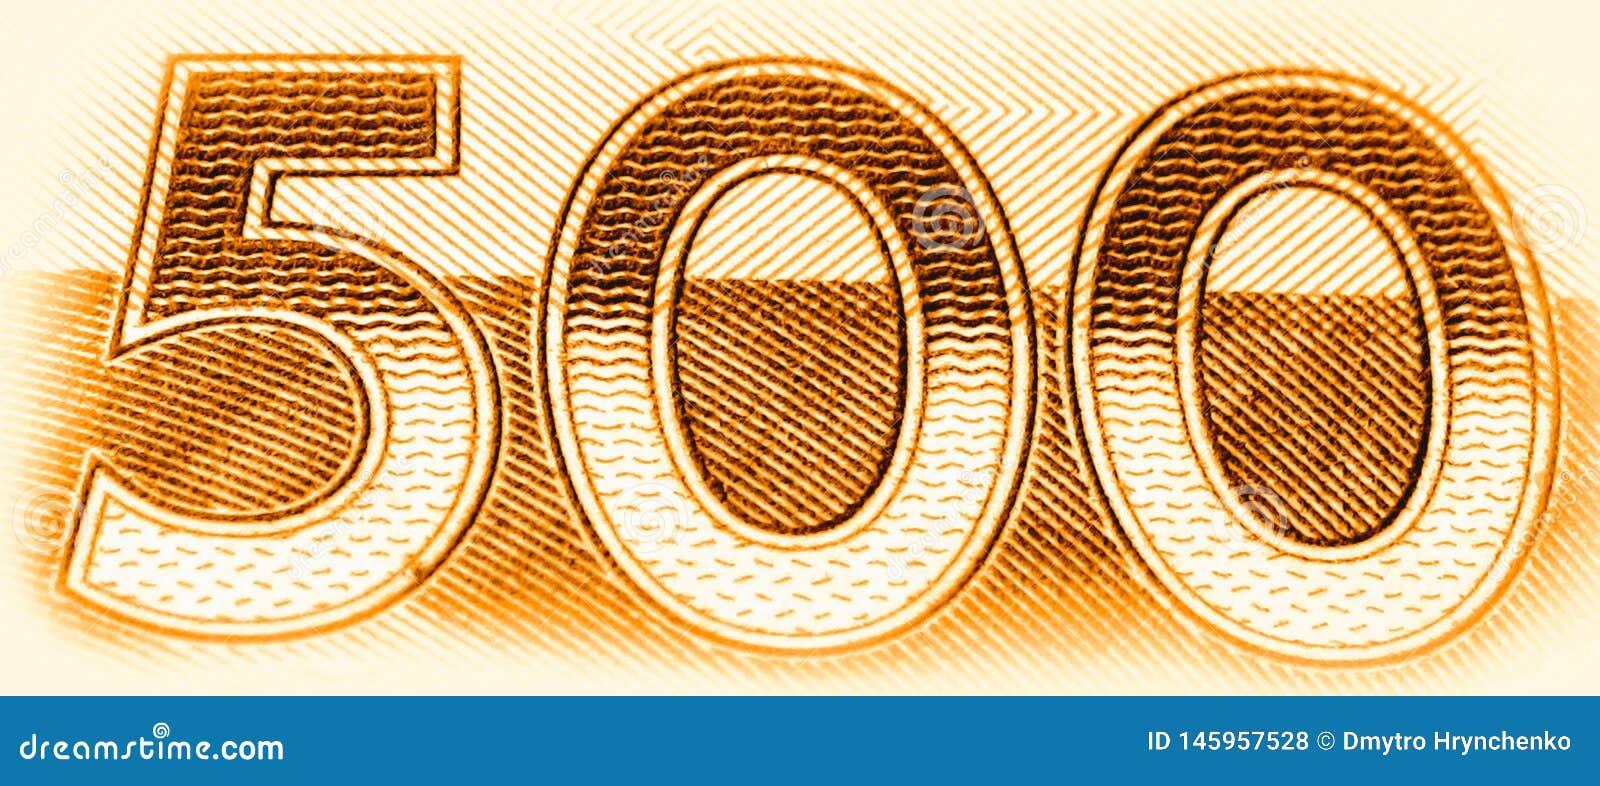 Femhundra nummer 500 Makroslut upp av guld- texturerade diagram som att klassa symbolbanret